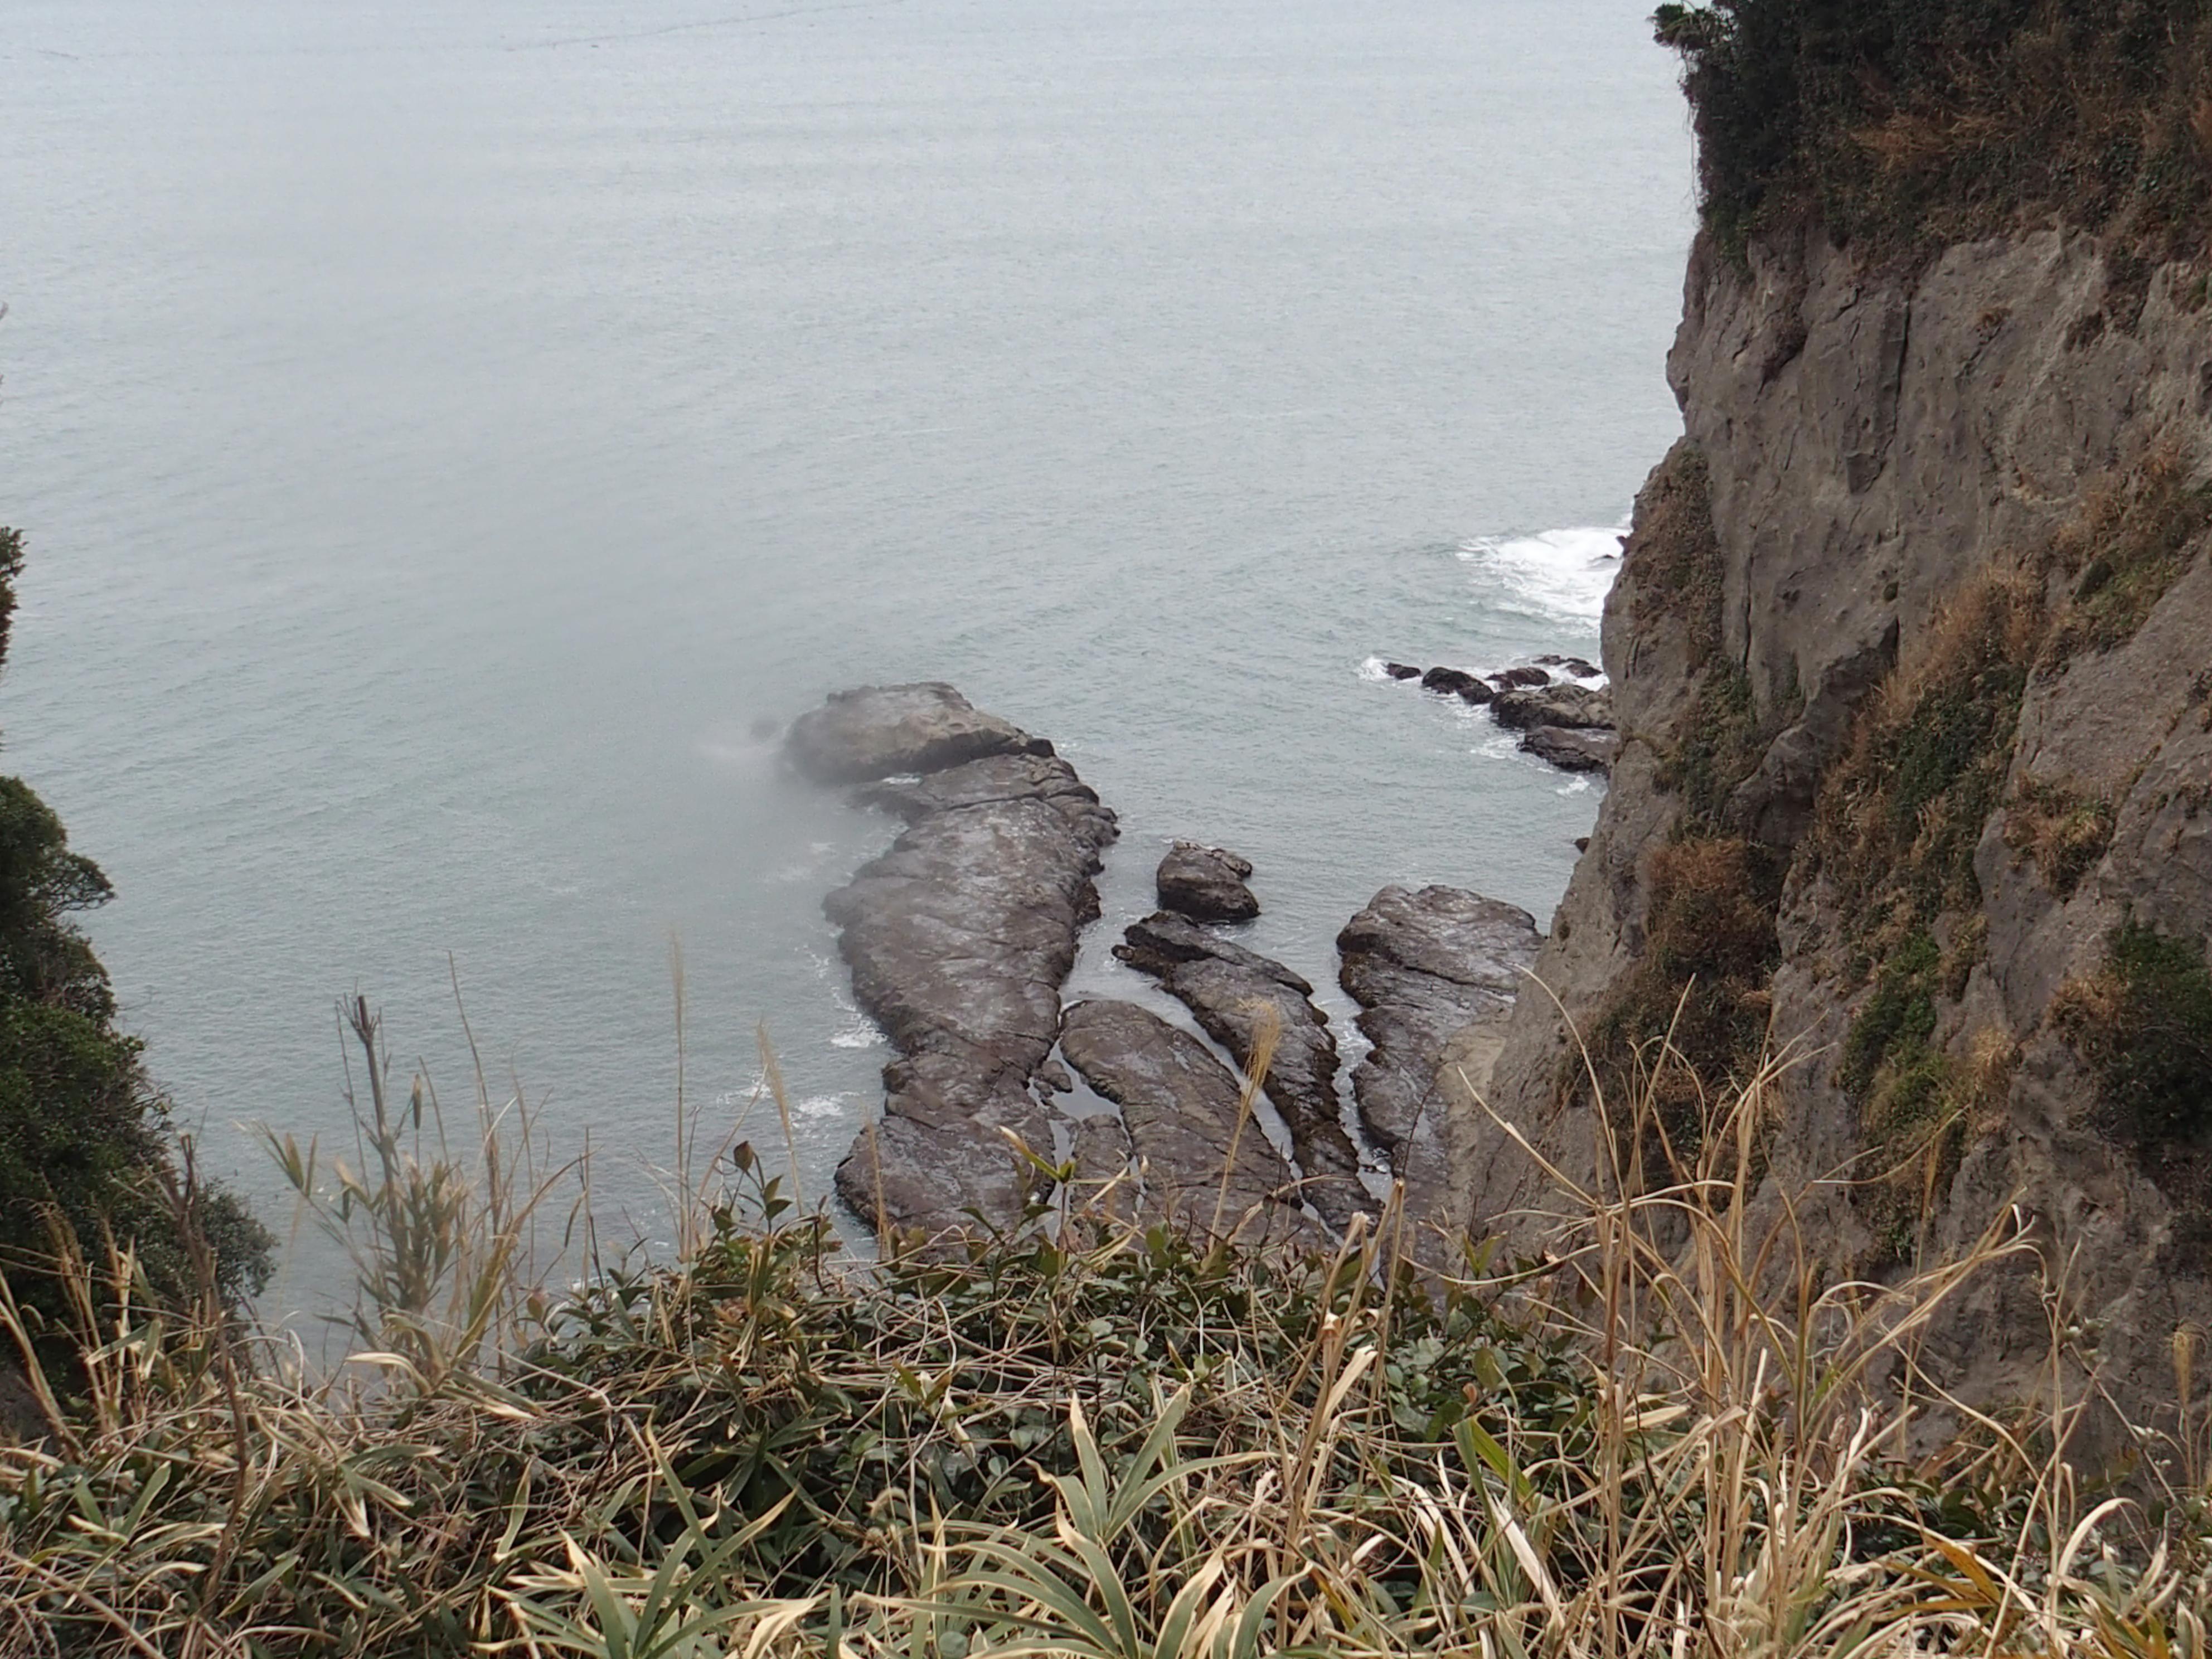 江ノ島神社の御岩屋道通りにある山ふたつ